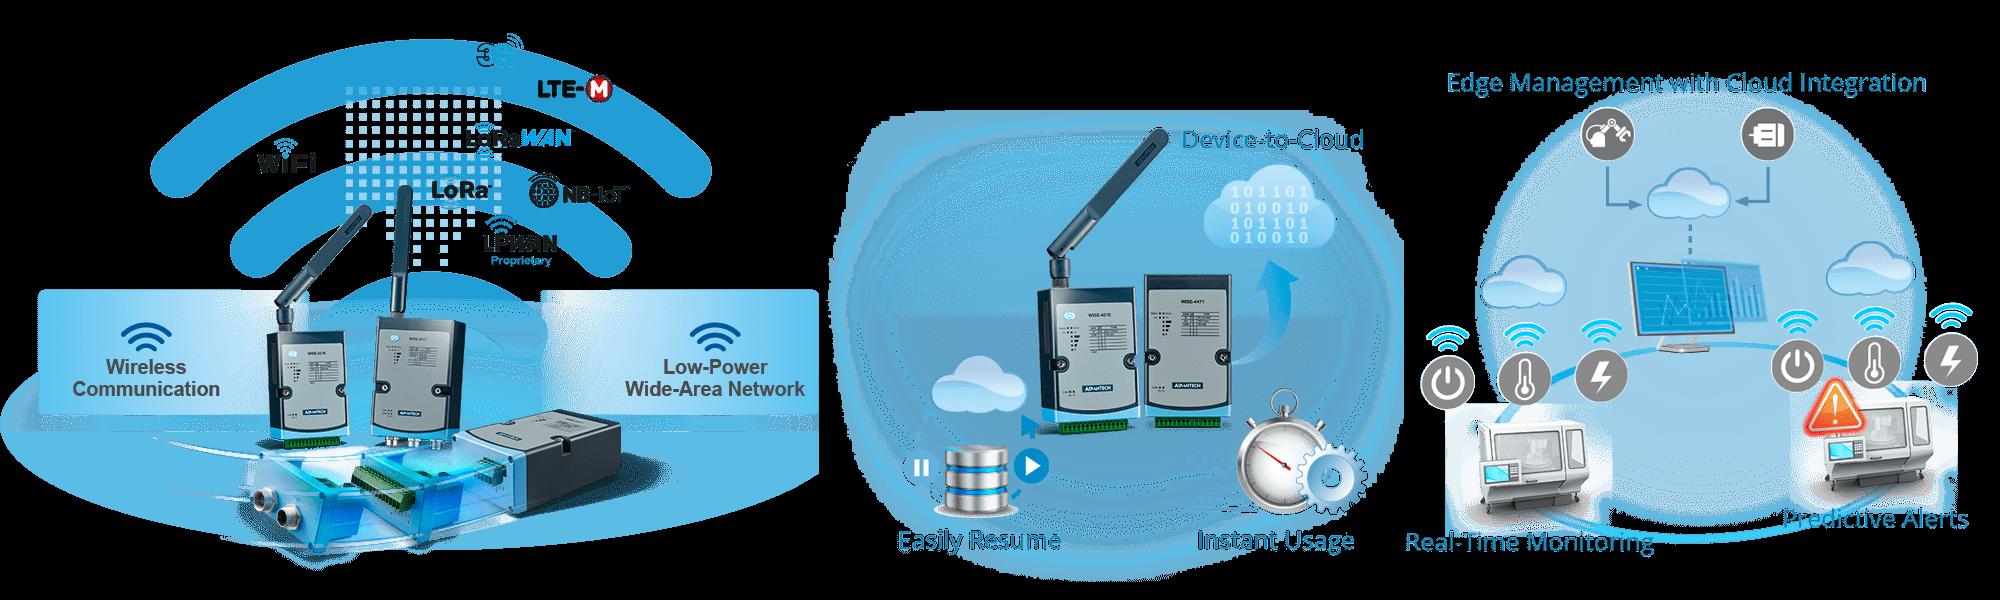 2.4GHz IEEE 802.11b/g/n WLAN (Wi-Fi)